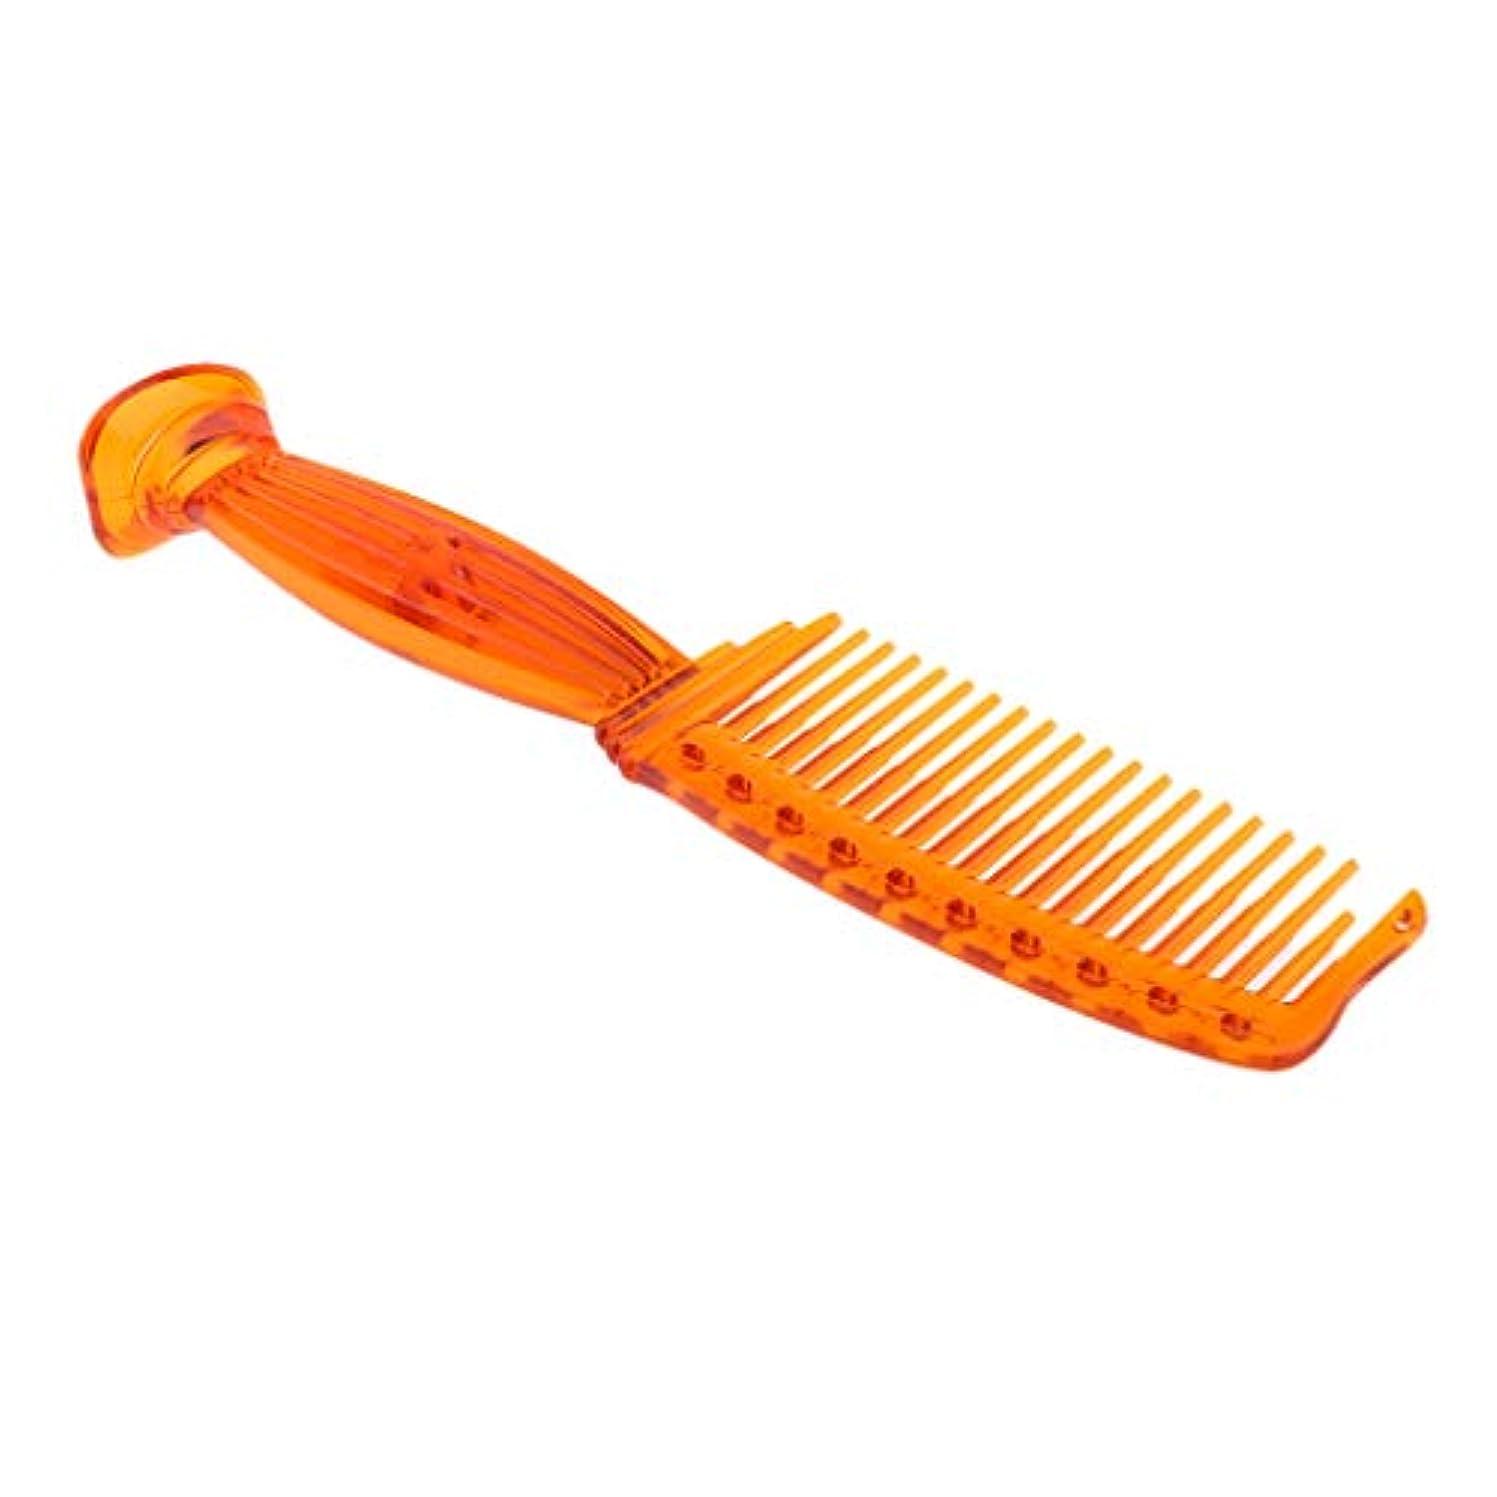 ローン気まぐれなカプセルヘアコーム ヘアブラシ ワイド歯 プラスチック プロ ヘアサロン 理髪師 全5色選べ - オレンジ